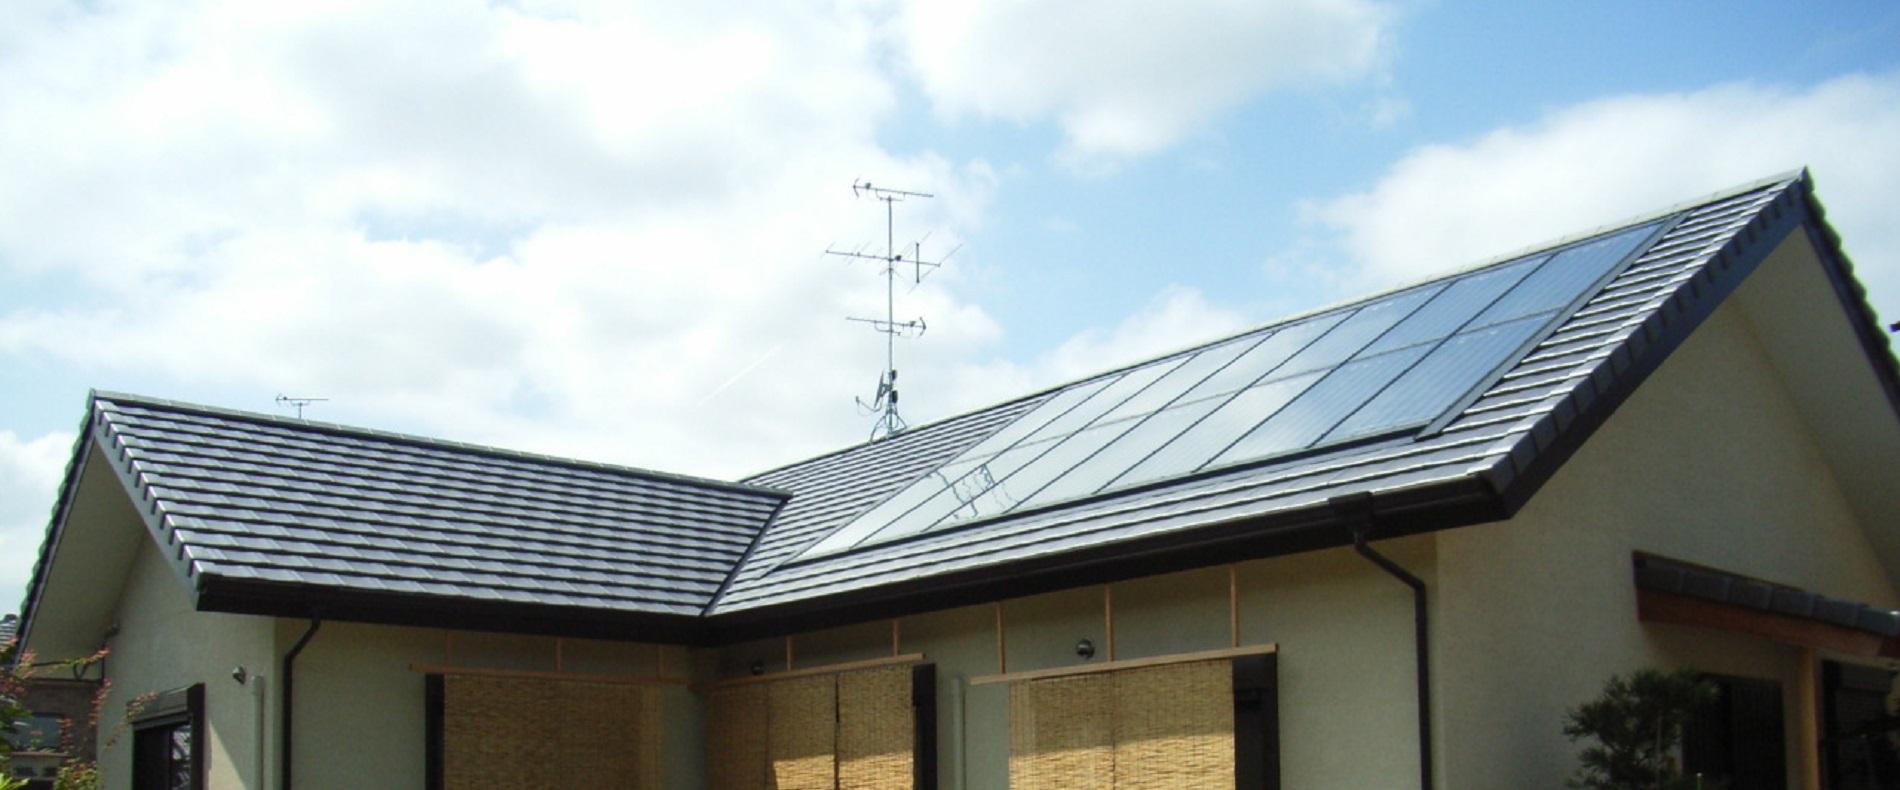 太陽熱利用 ハイブリッドソーラーハウス